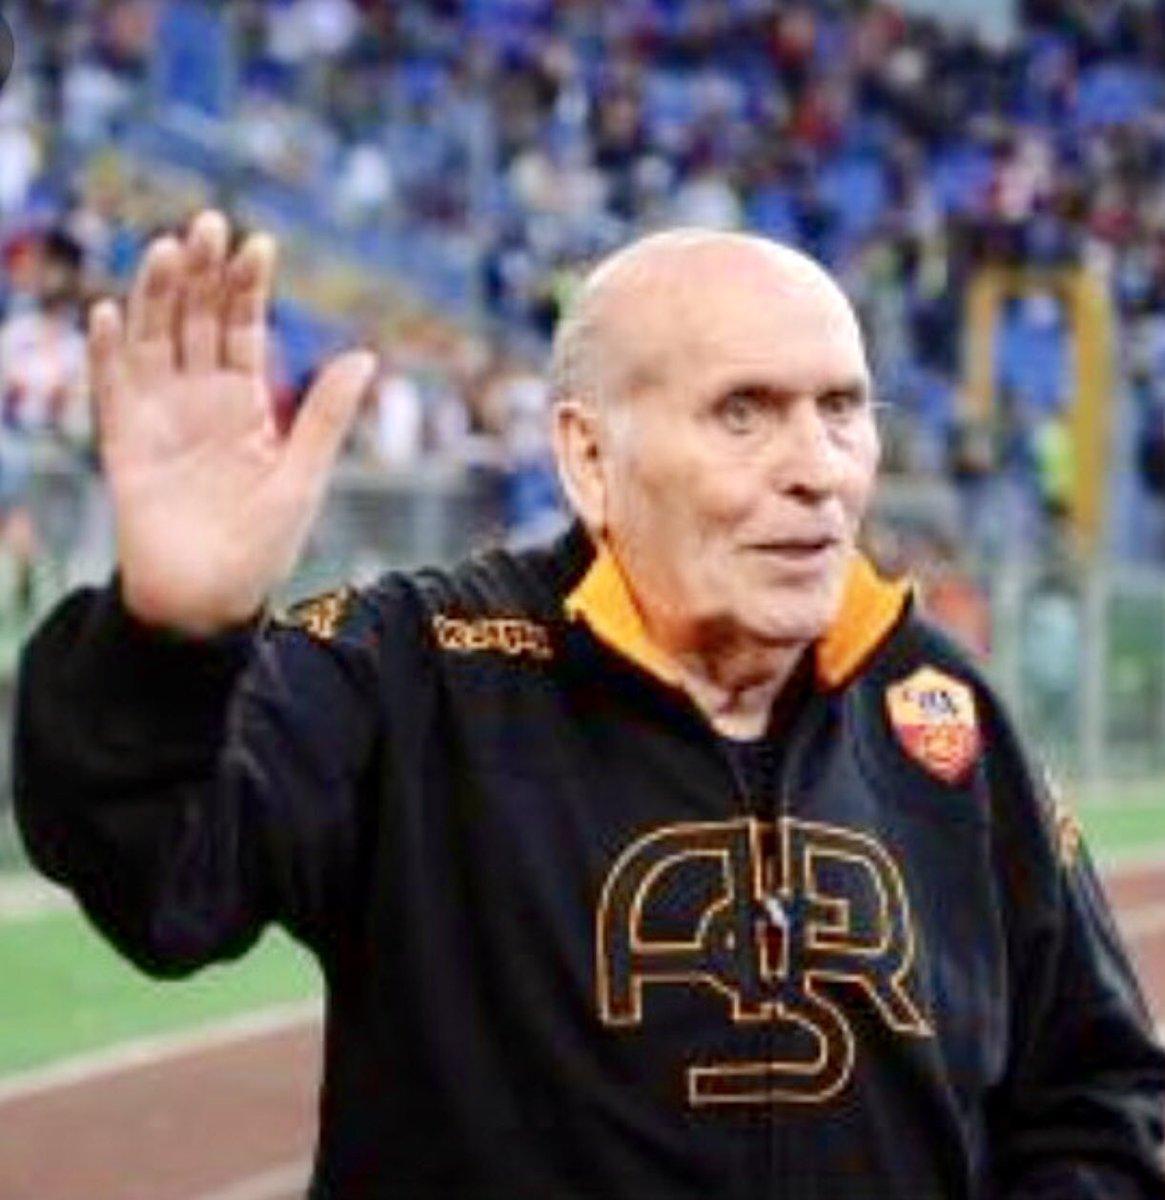 #GiorgioRossi